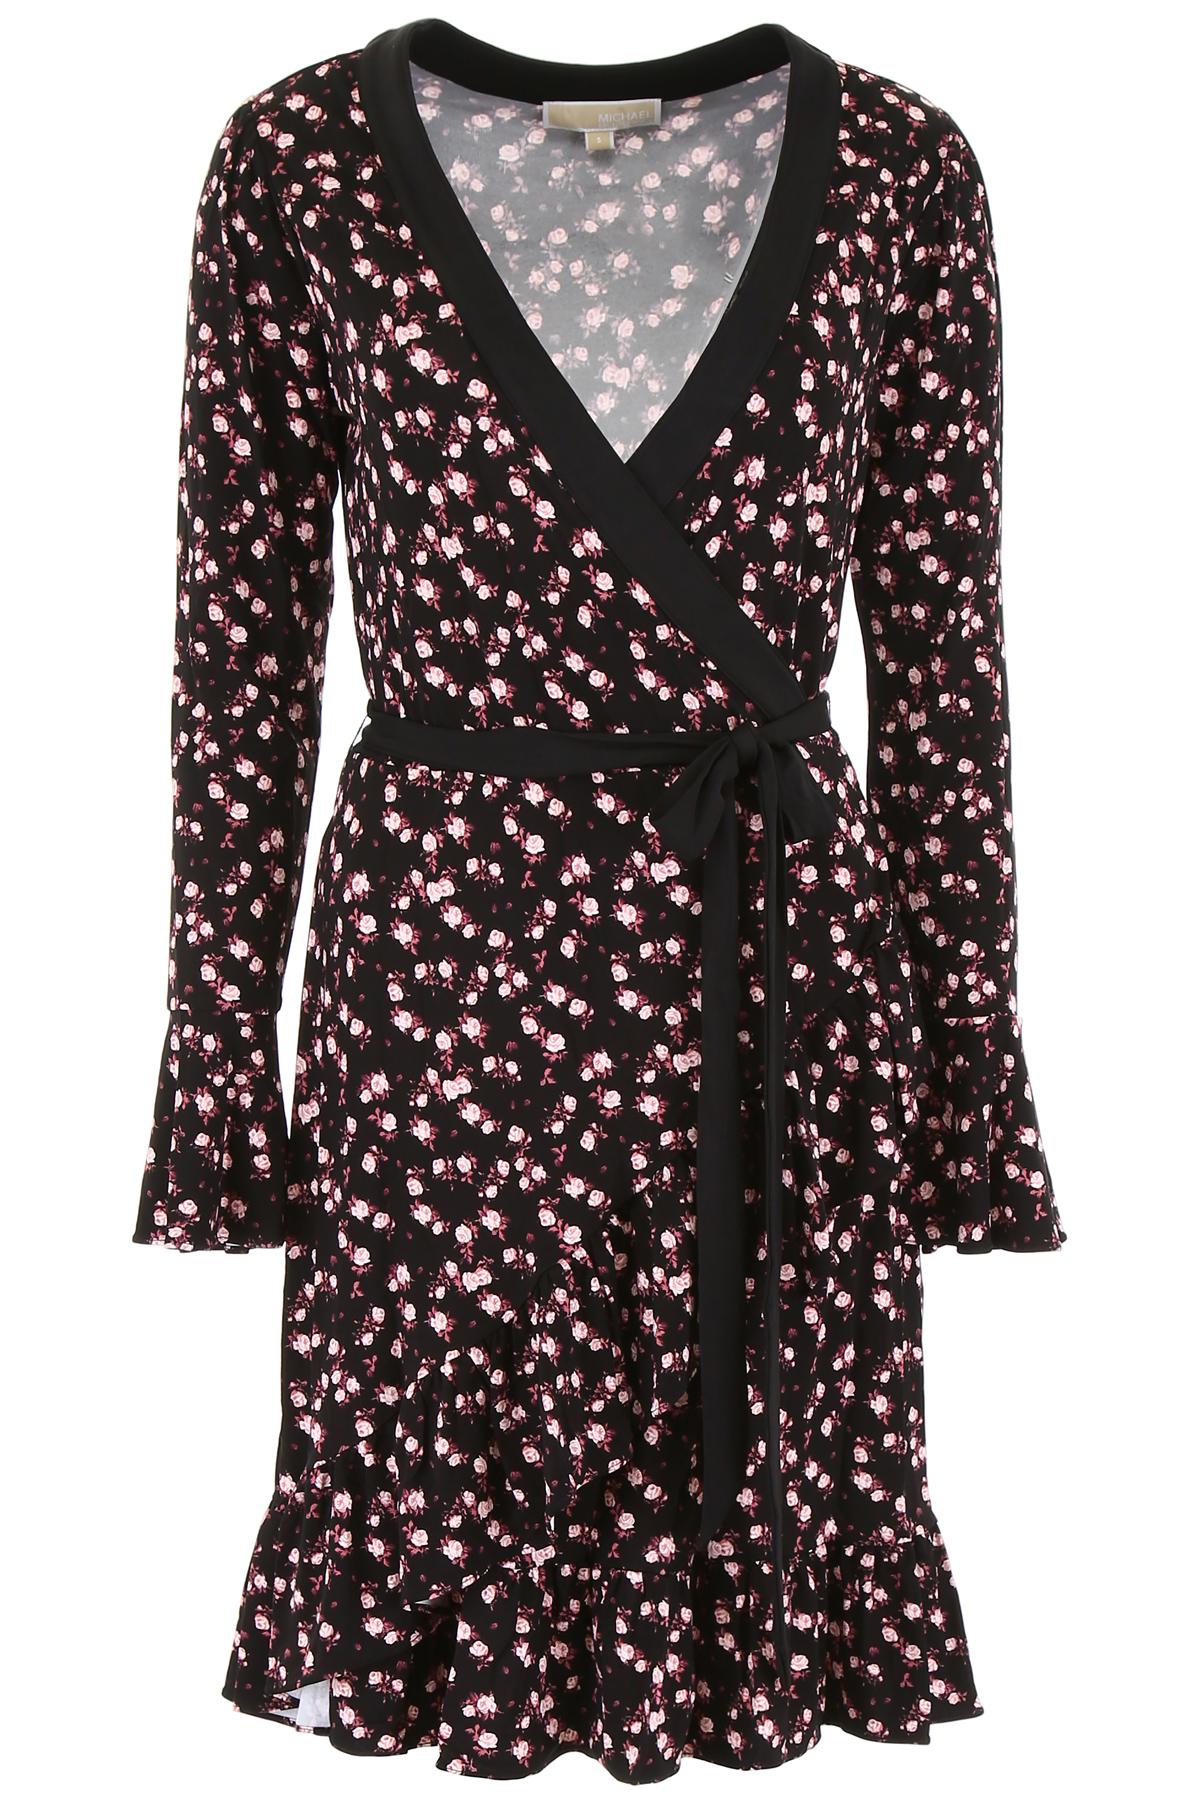 Vestido Michael Kors Estampado Floral Volantes